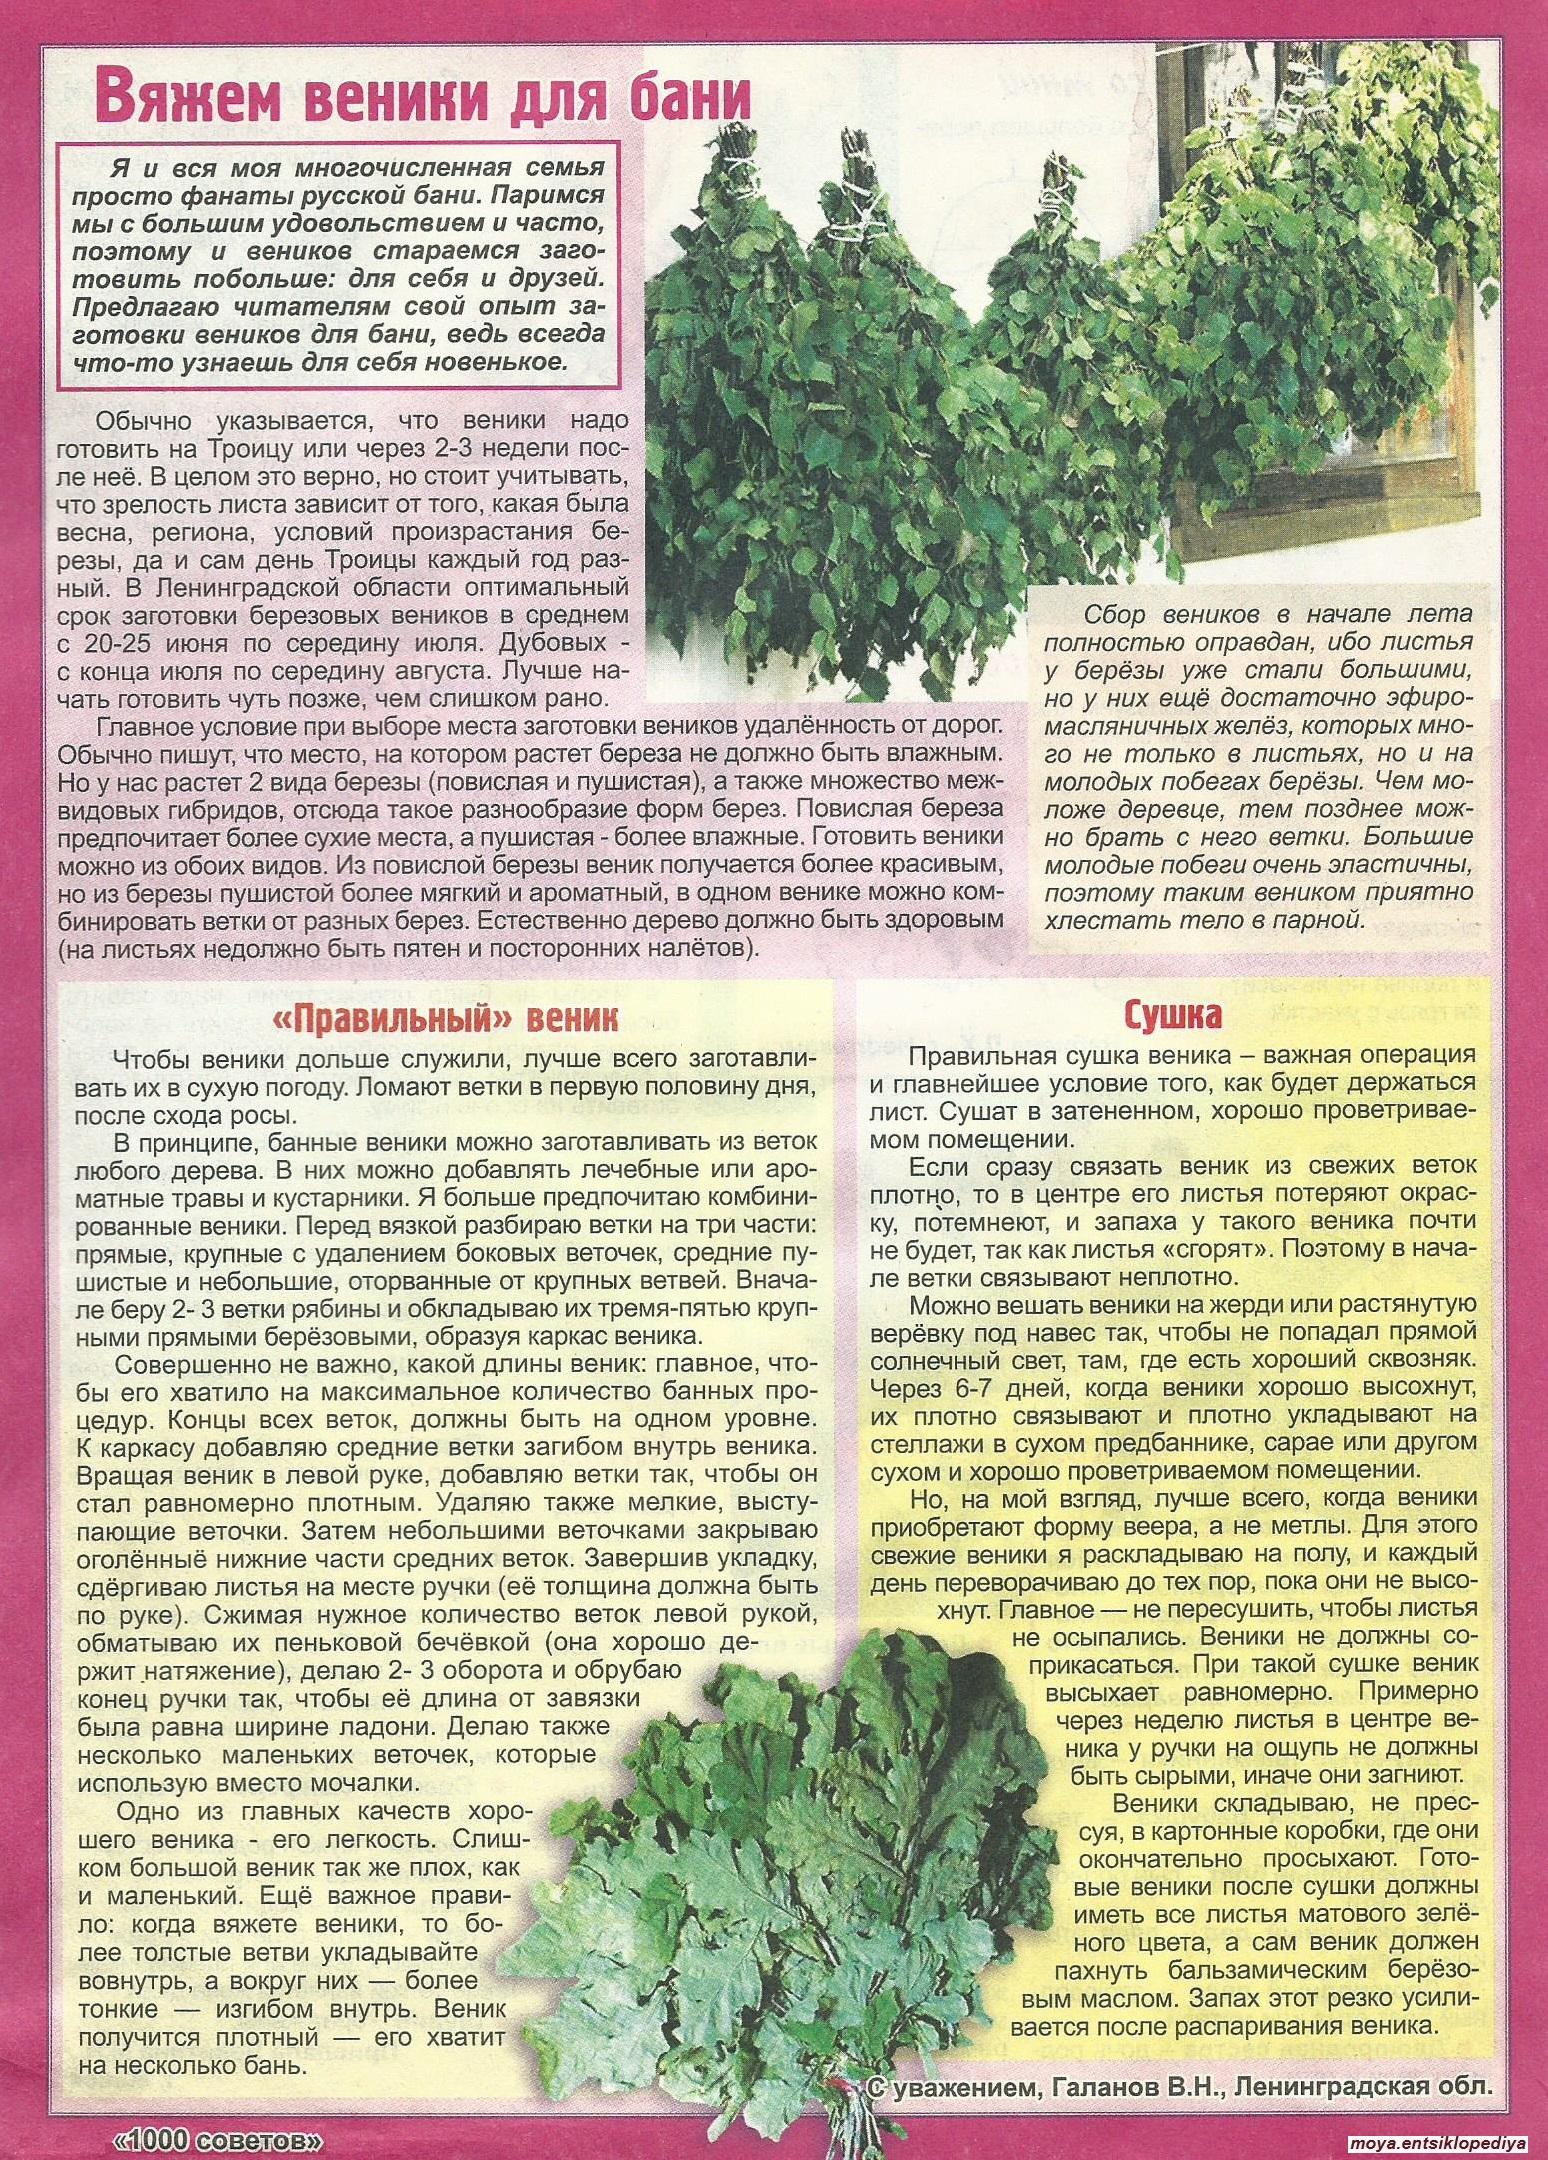 Заготовка березовых веников для бани - инструкция и советы!